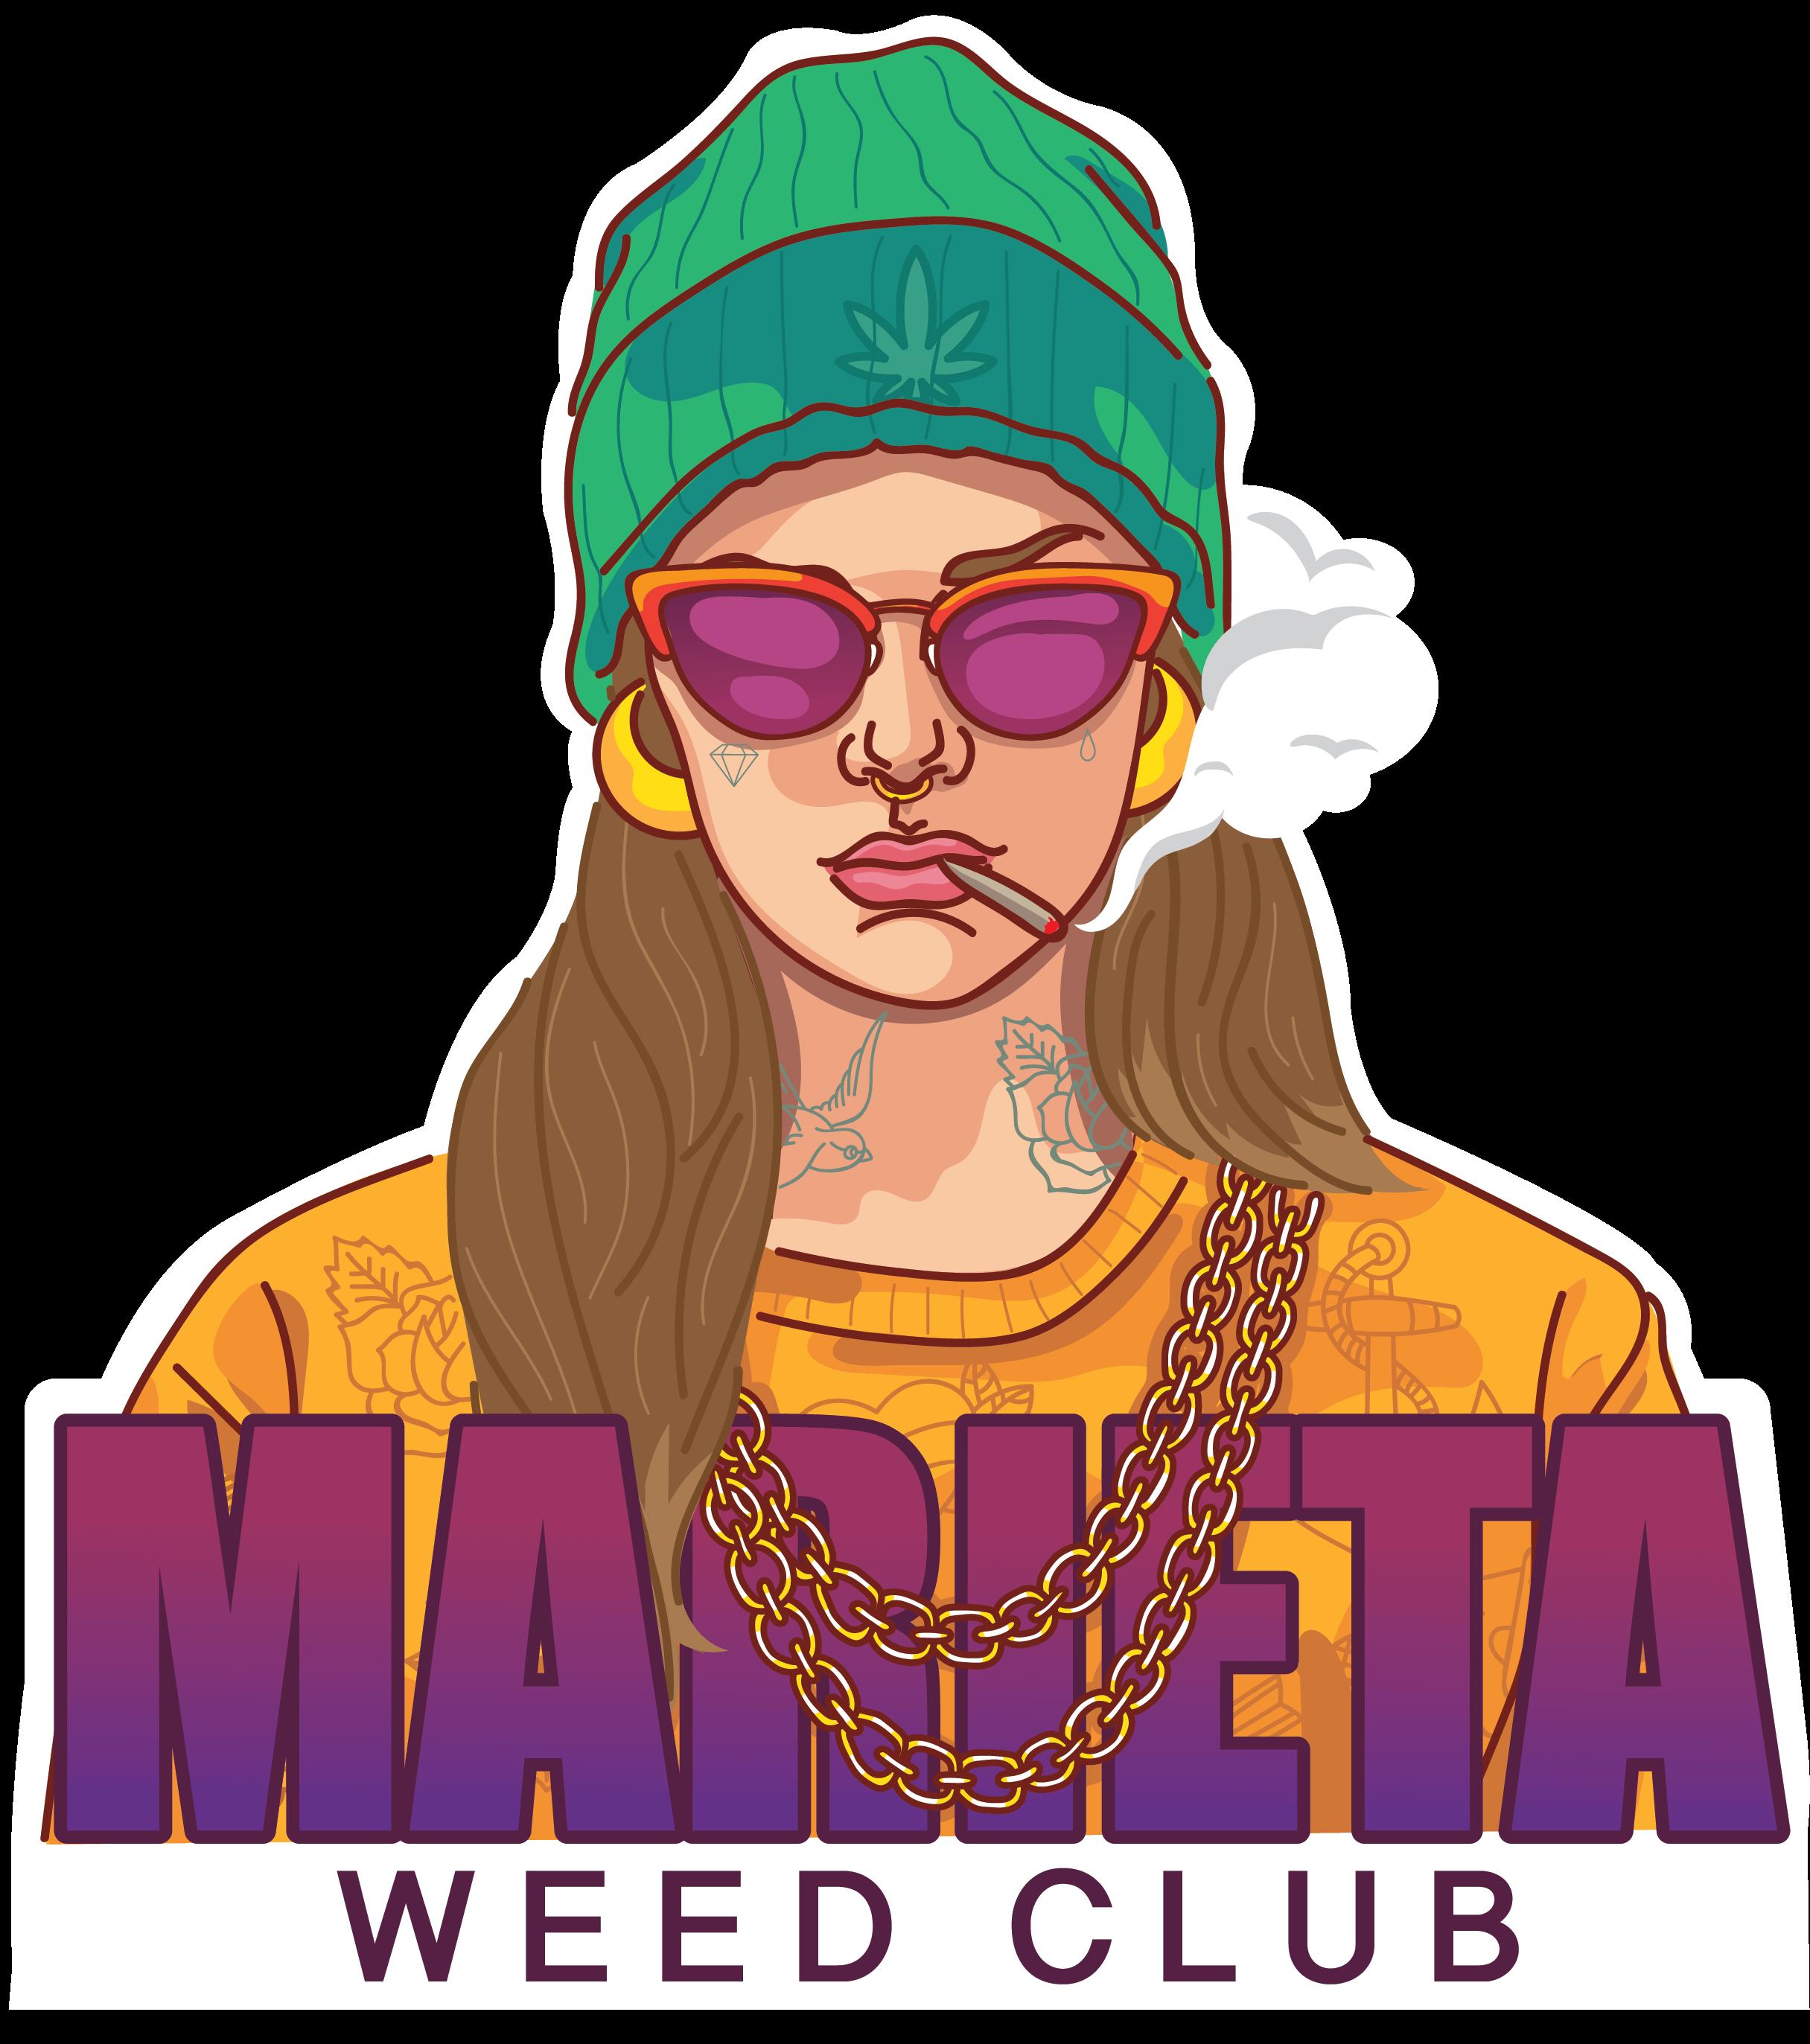 marieta weed club logo